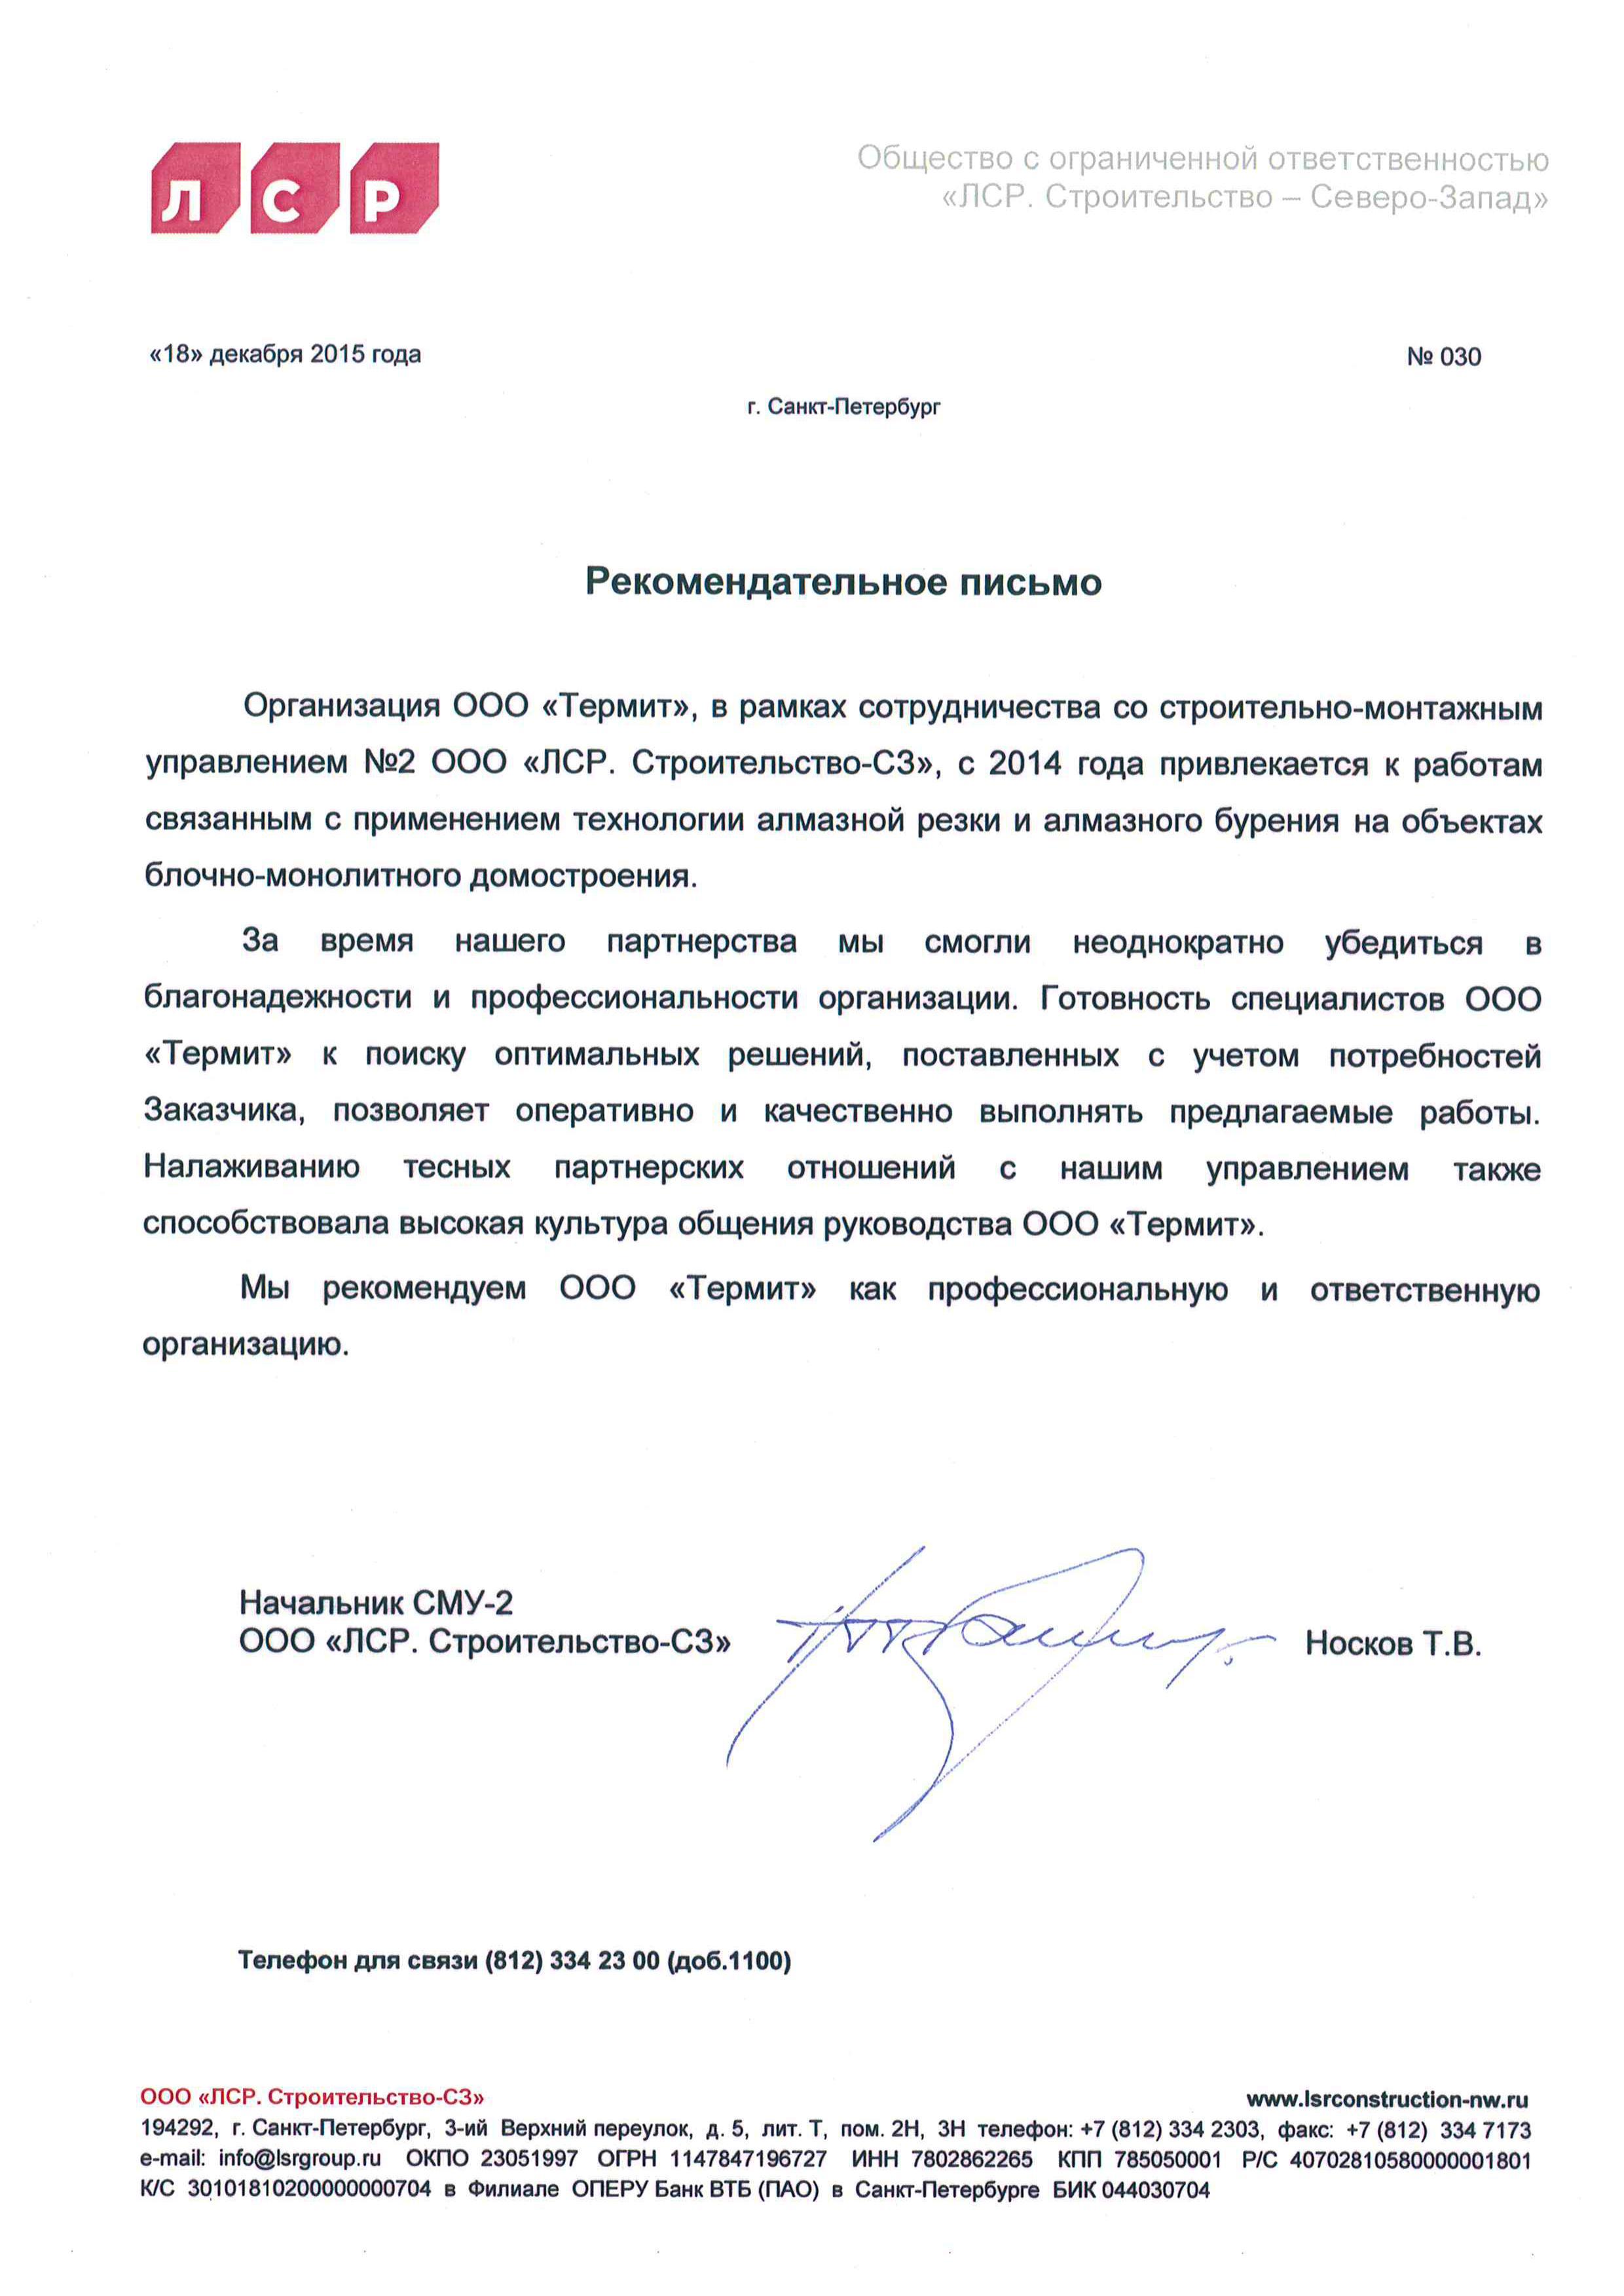 Рекомендательное письмо ООО Термит_01